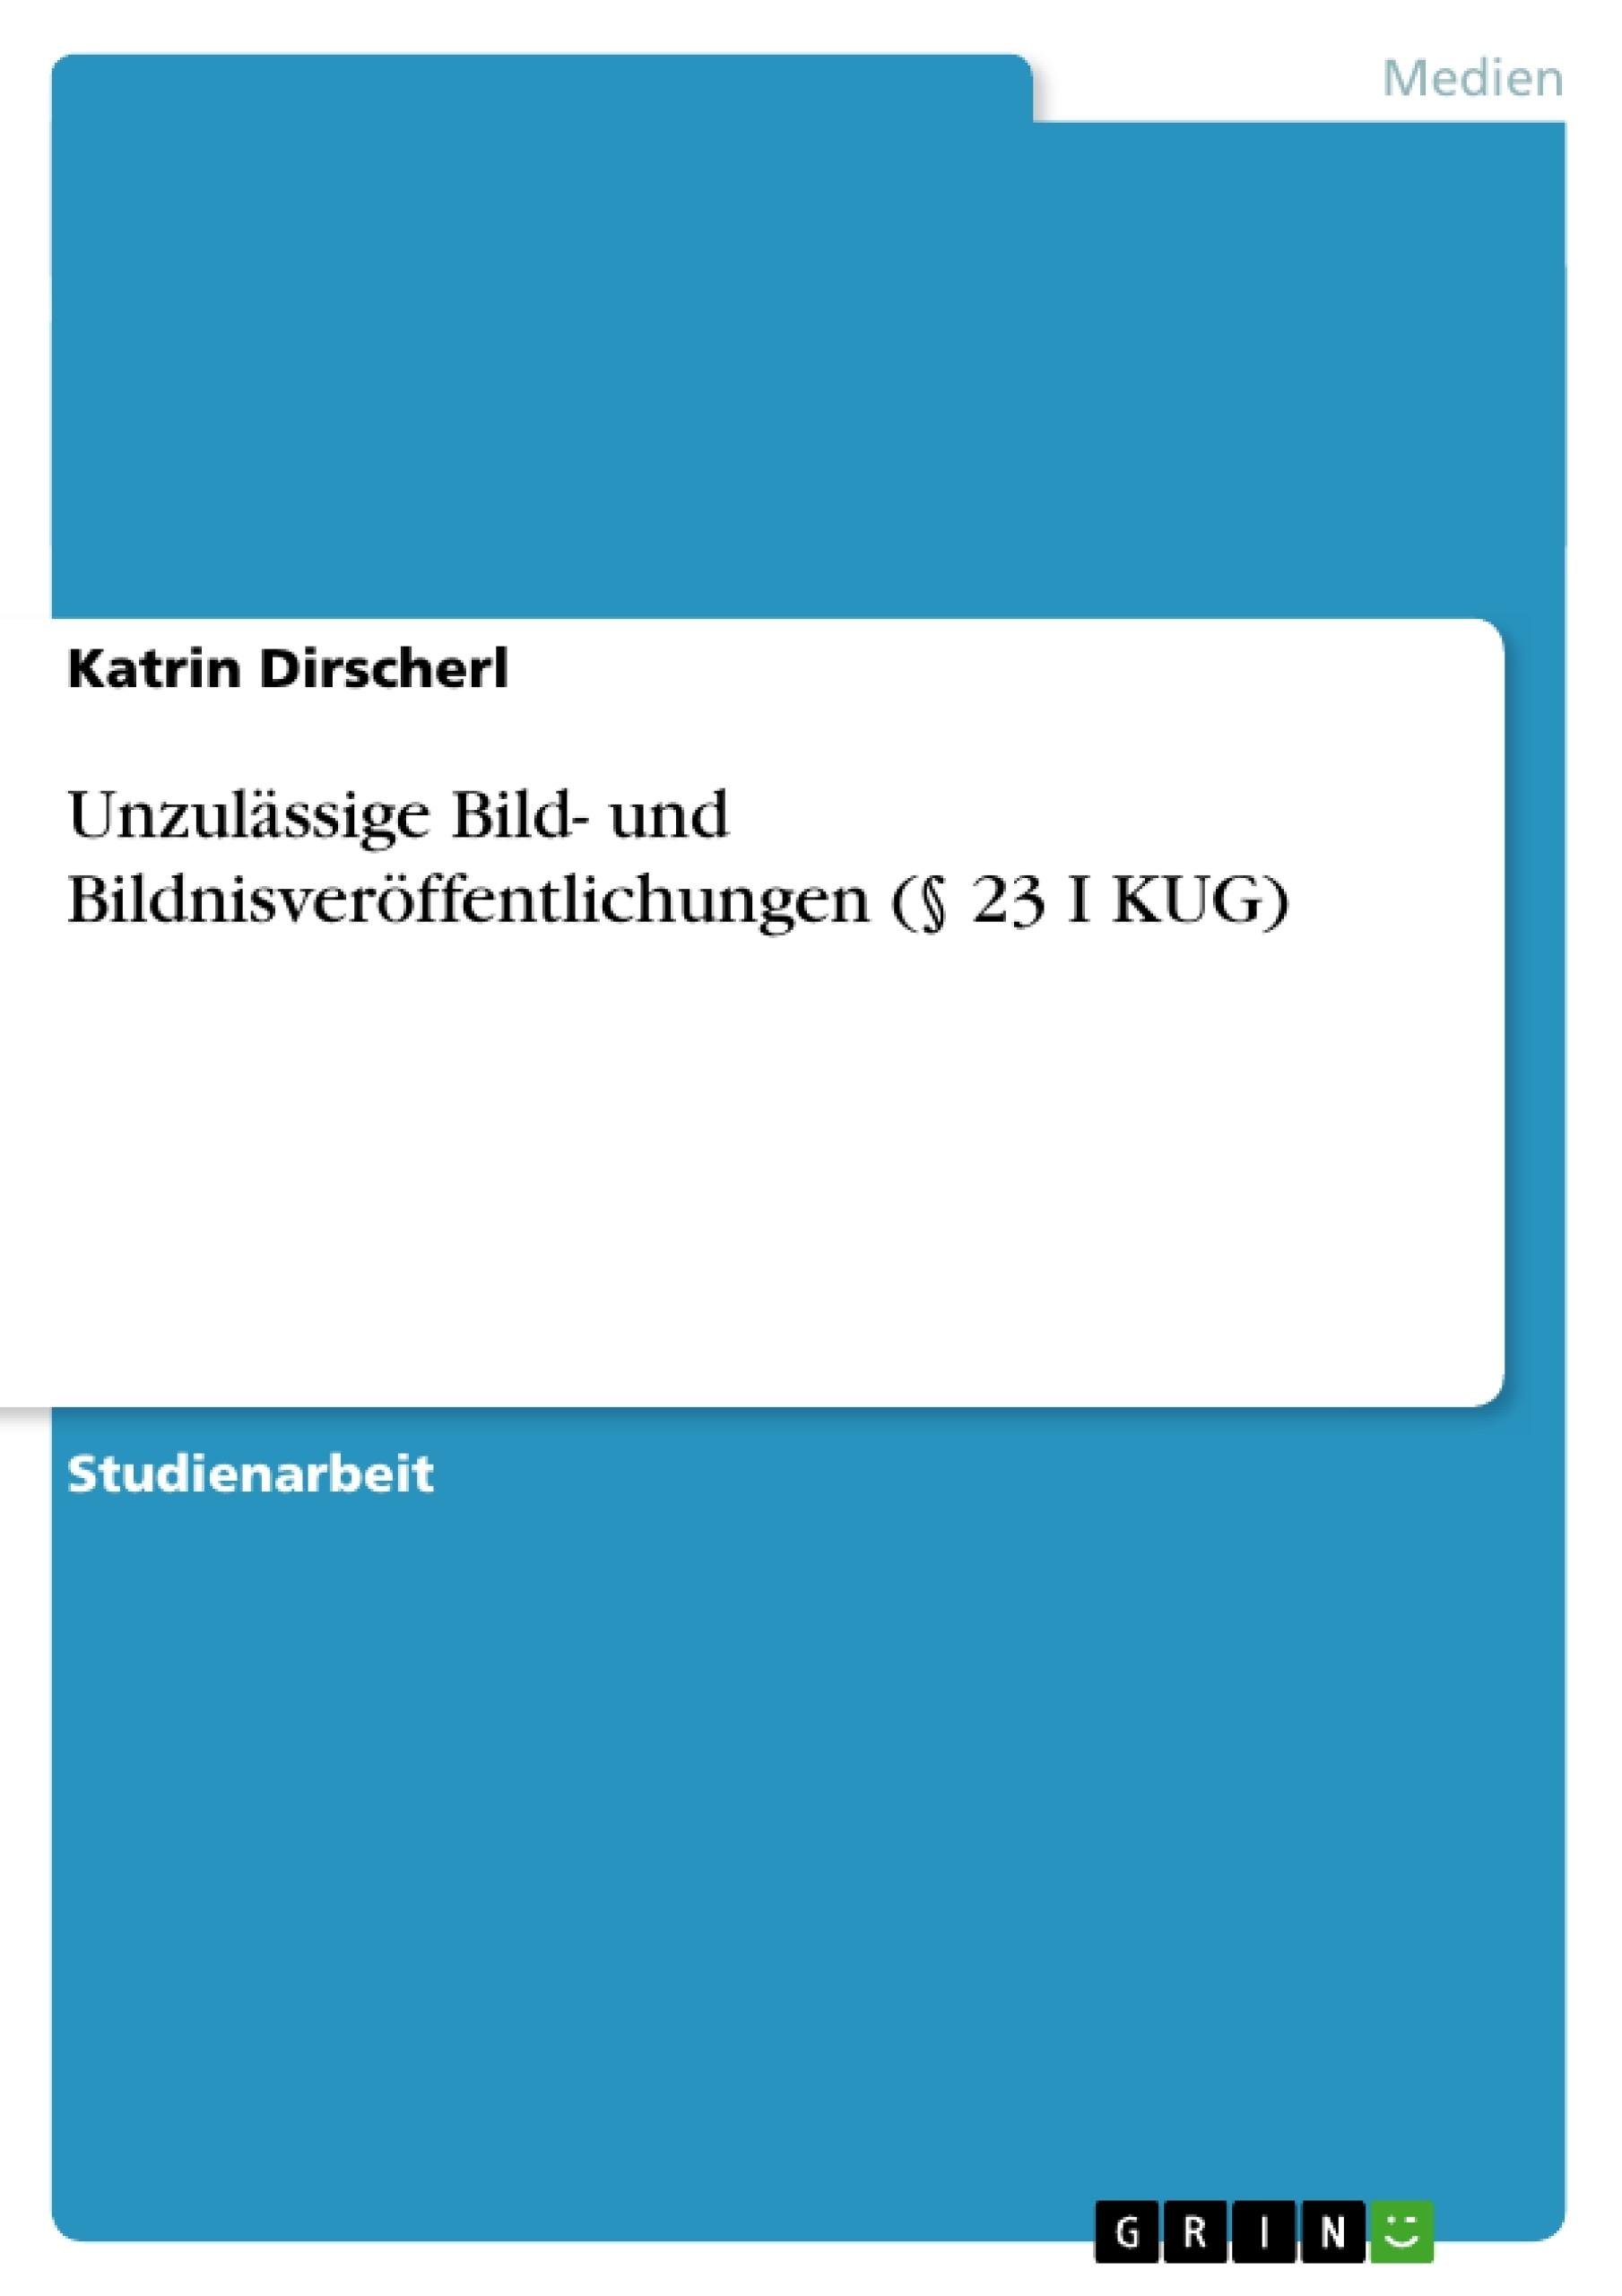 Titel: Unzulässige Bild- und Bildnisveröffentlichungen (§ 23 I KUG)